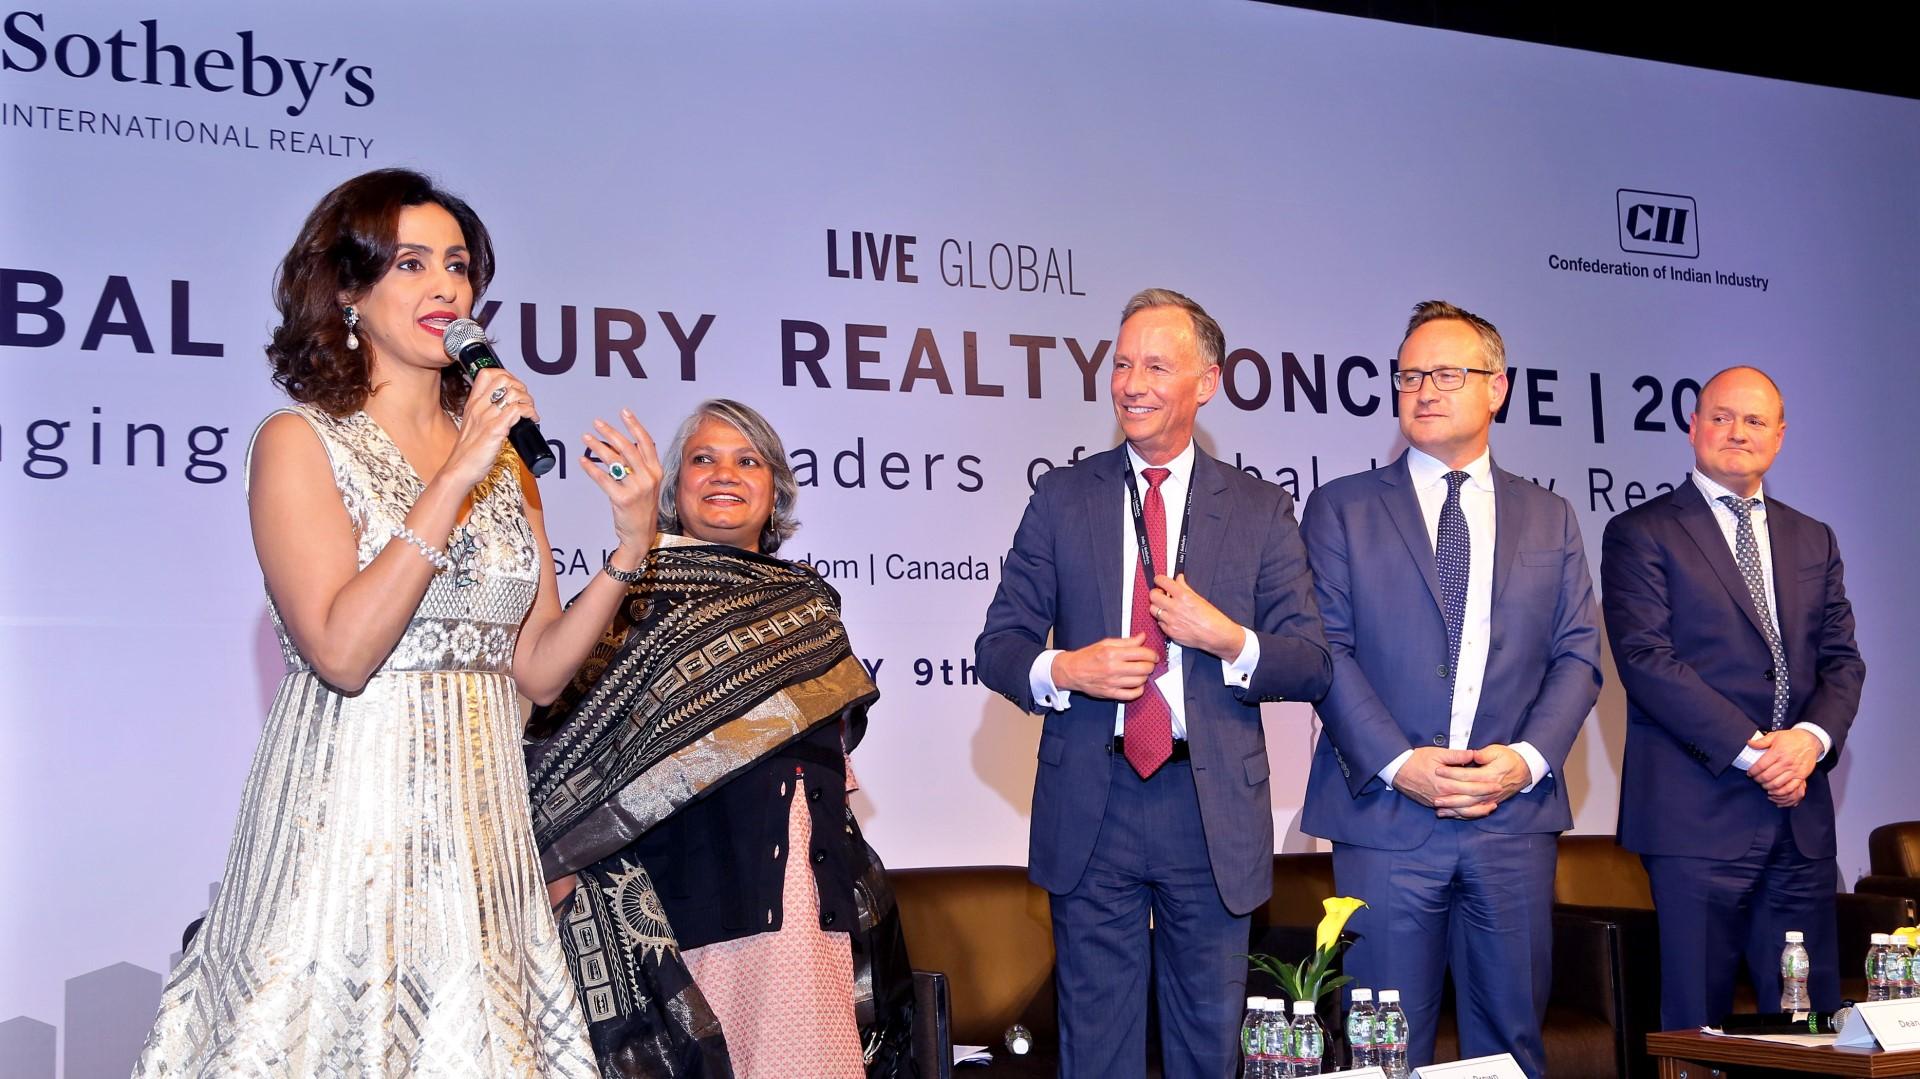 Shivani compèring Sotheby's Conclave 2018